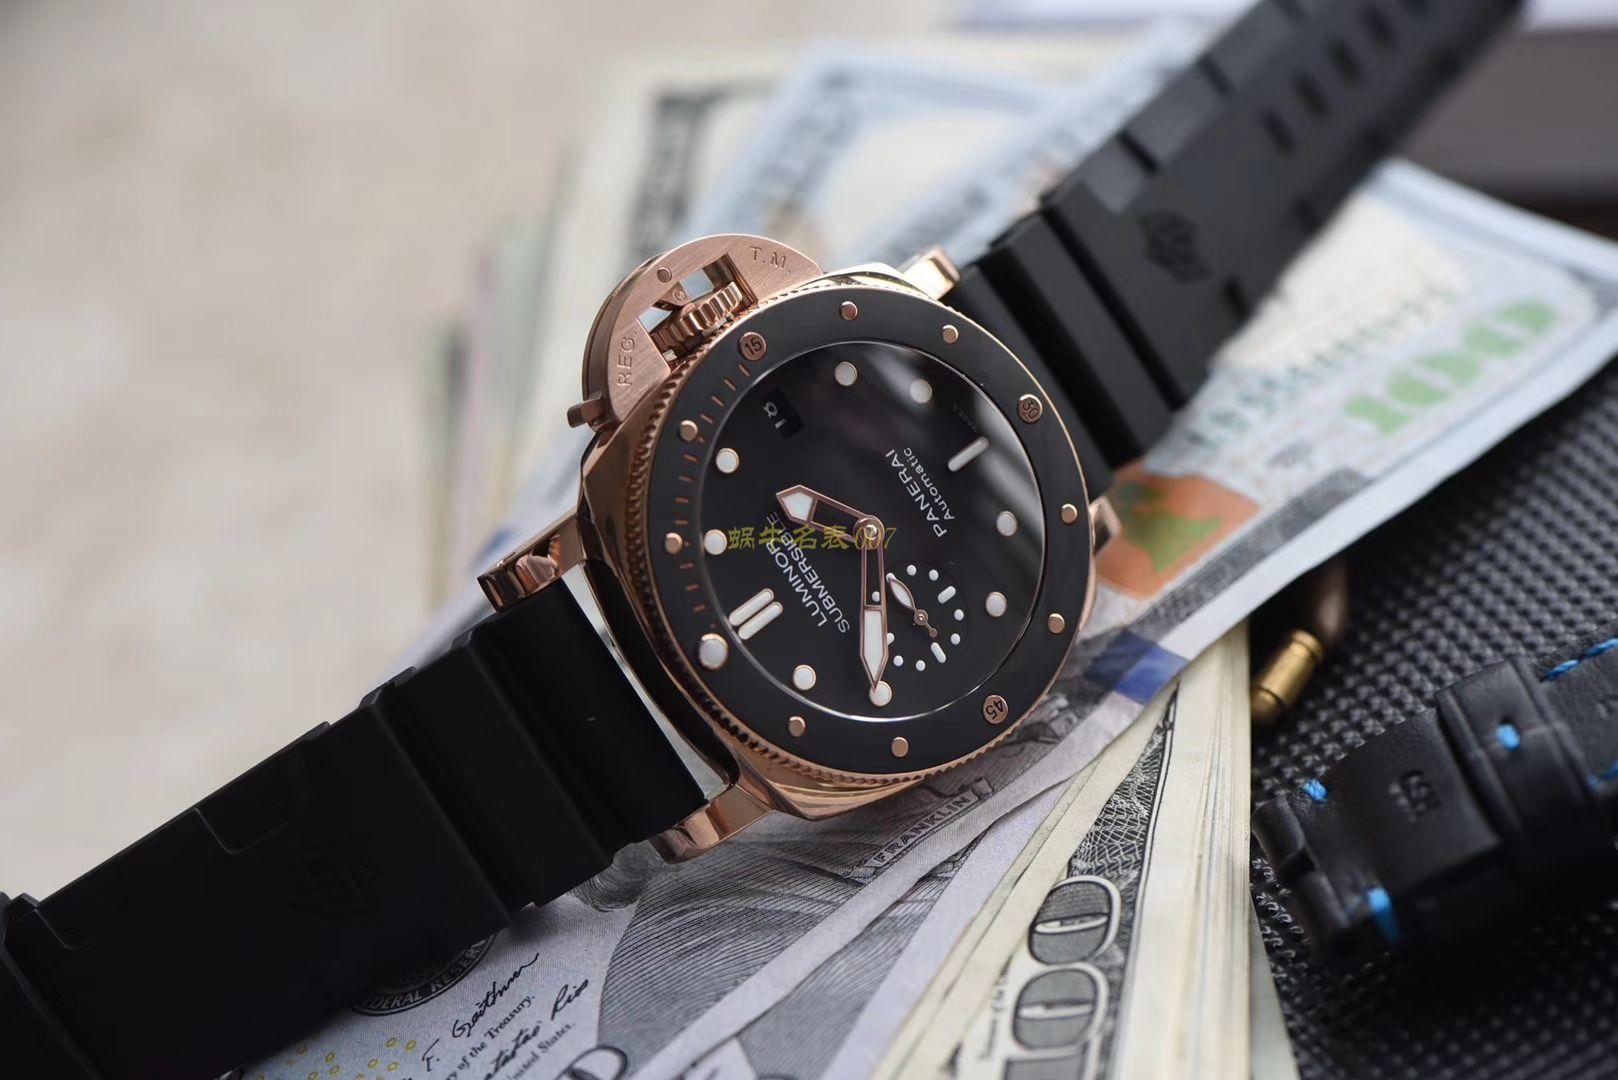 沛纳海SUBMERSIBLE 潜行系列PAM00684腕表超A高仿手表【XF厂PAM684~霍建华广告代言同款】